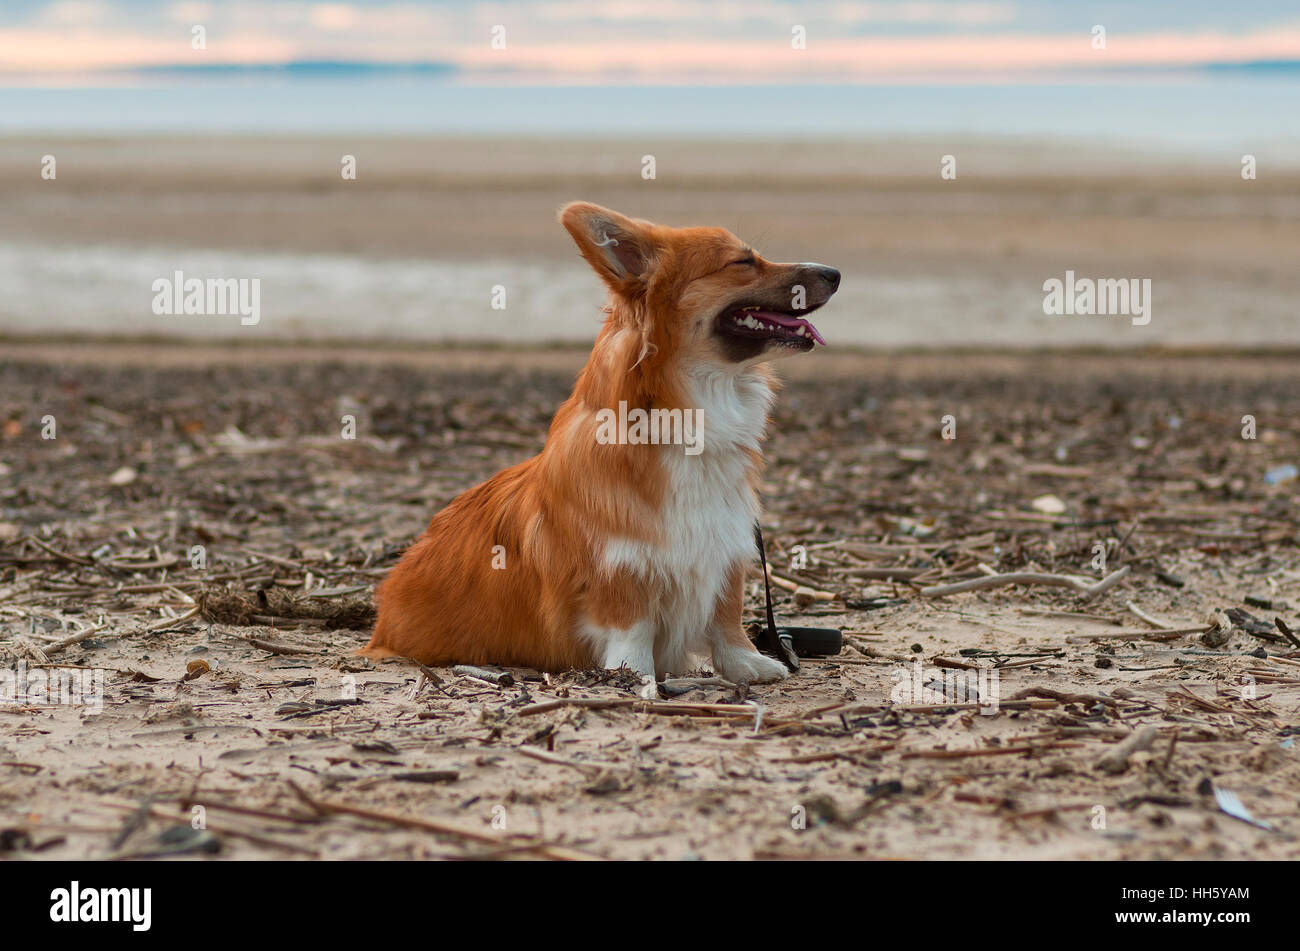 Foto de un perro con el plomo (raza Welsh Corgi pembroke esponjosos, de color rojo) sentados en la arena de una playa en la puesta de sol Foto de stock